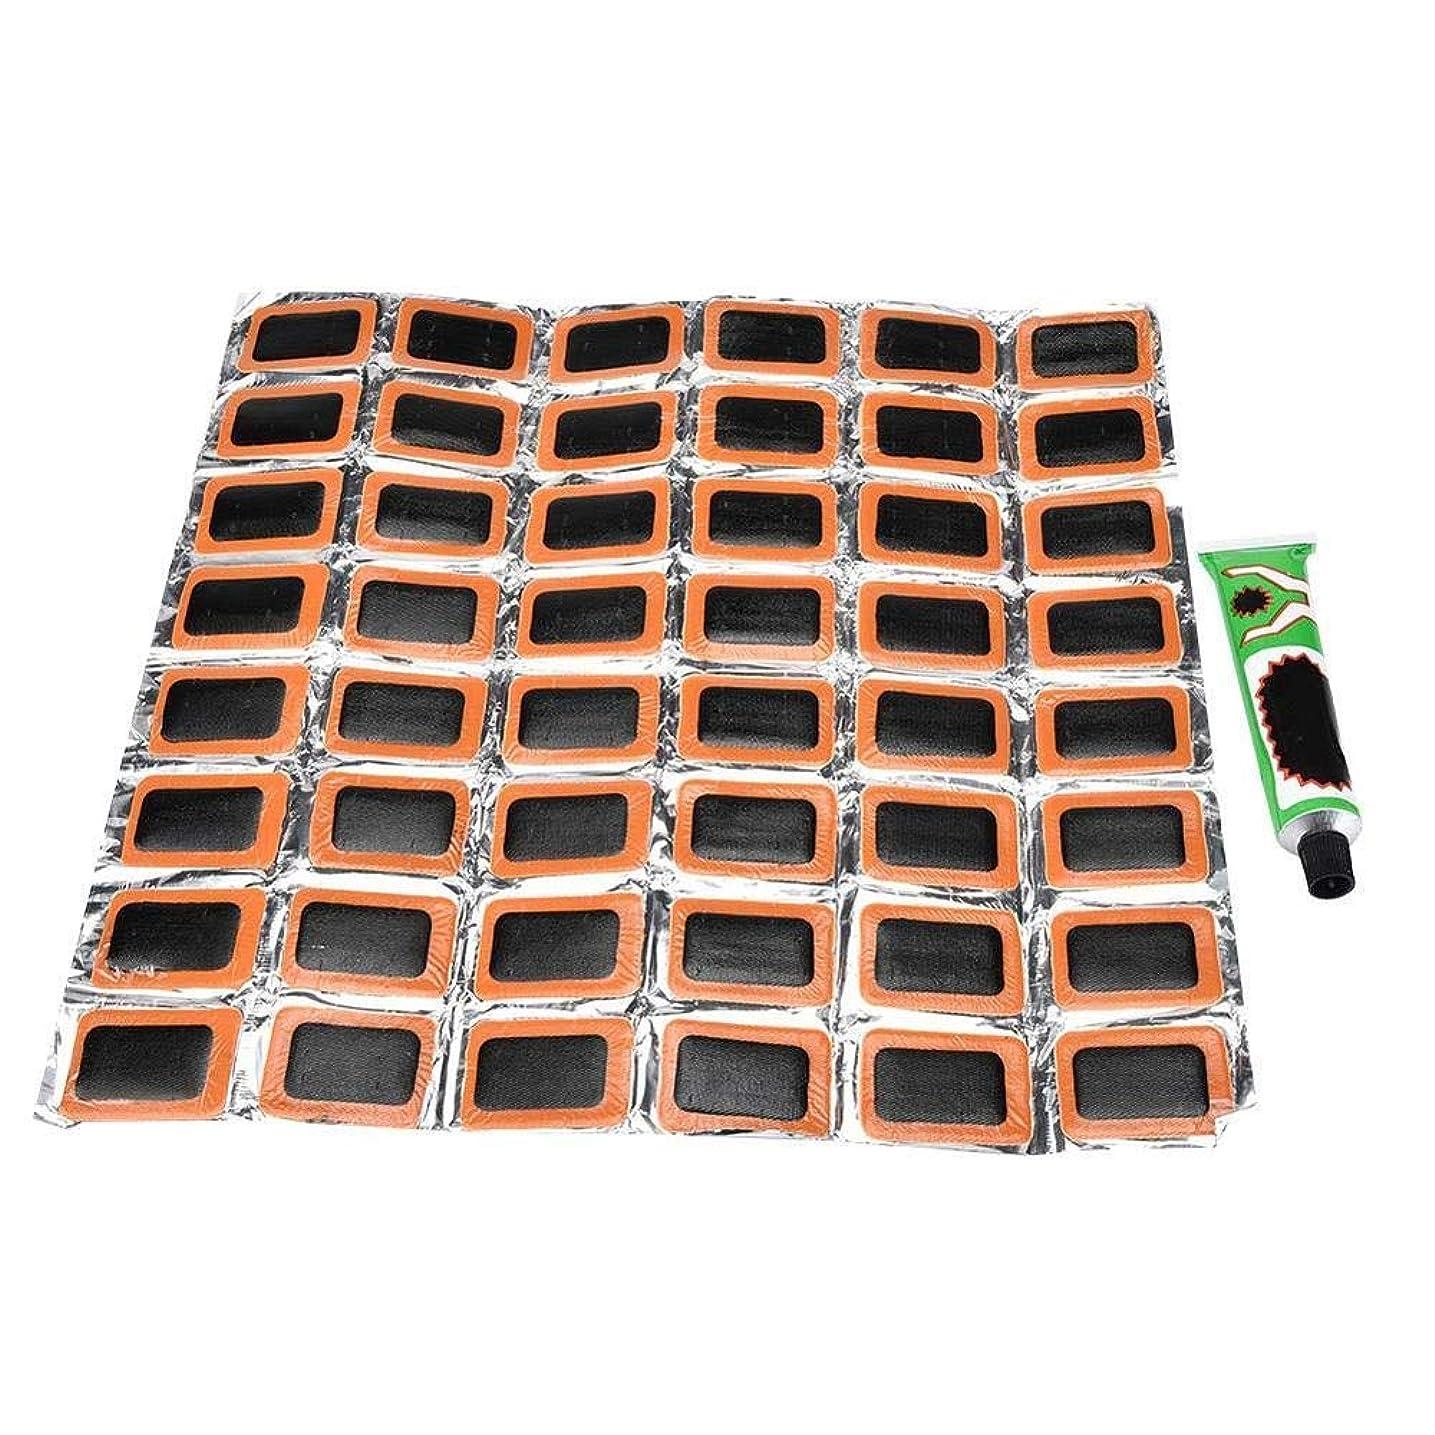 急勾配の時計乳製品MercuryGo 自転車 パンク 修理パッチキット インナーチューブ用 接着ゴムパンク 修理パッチ48個 +グルー 自転車用 修理ツール